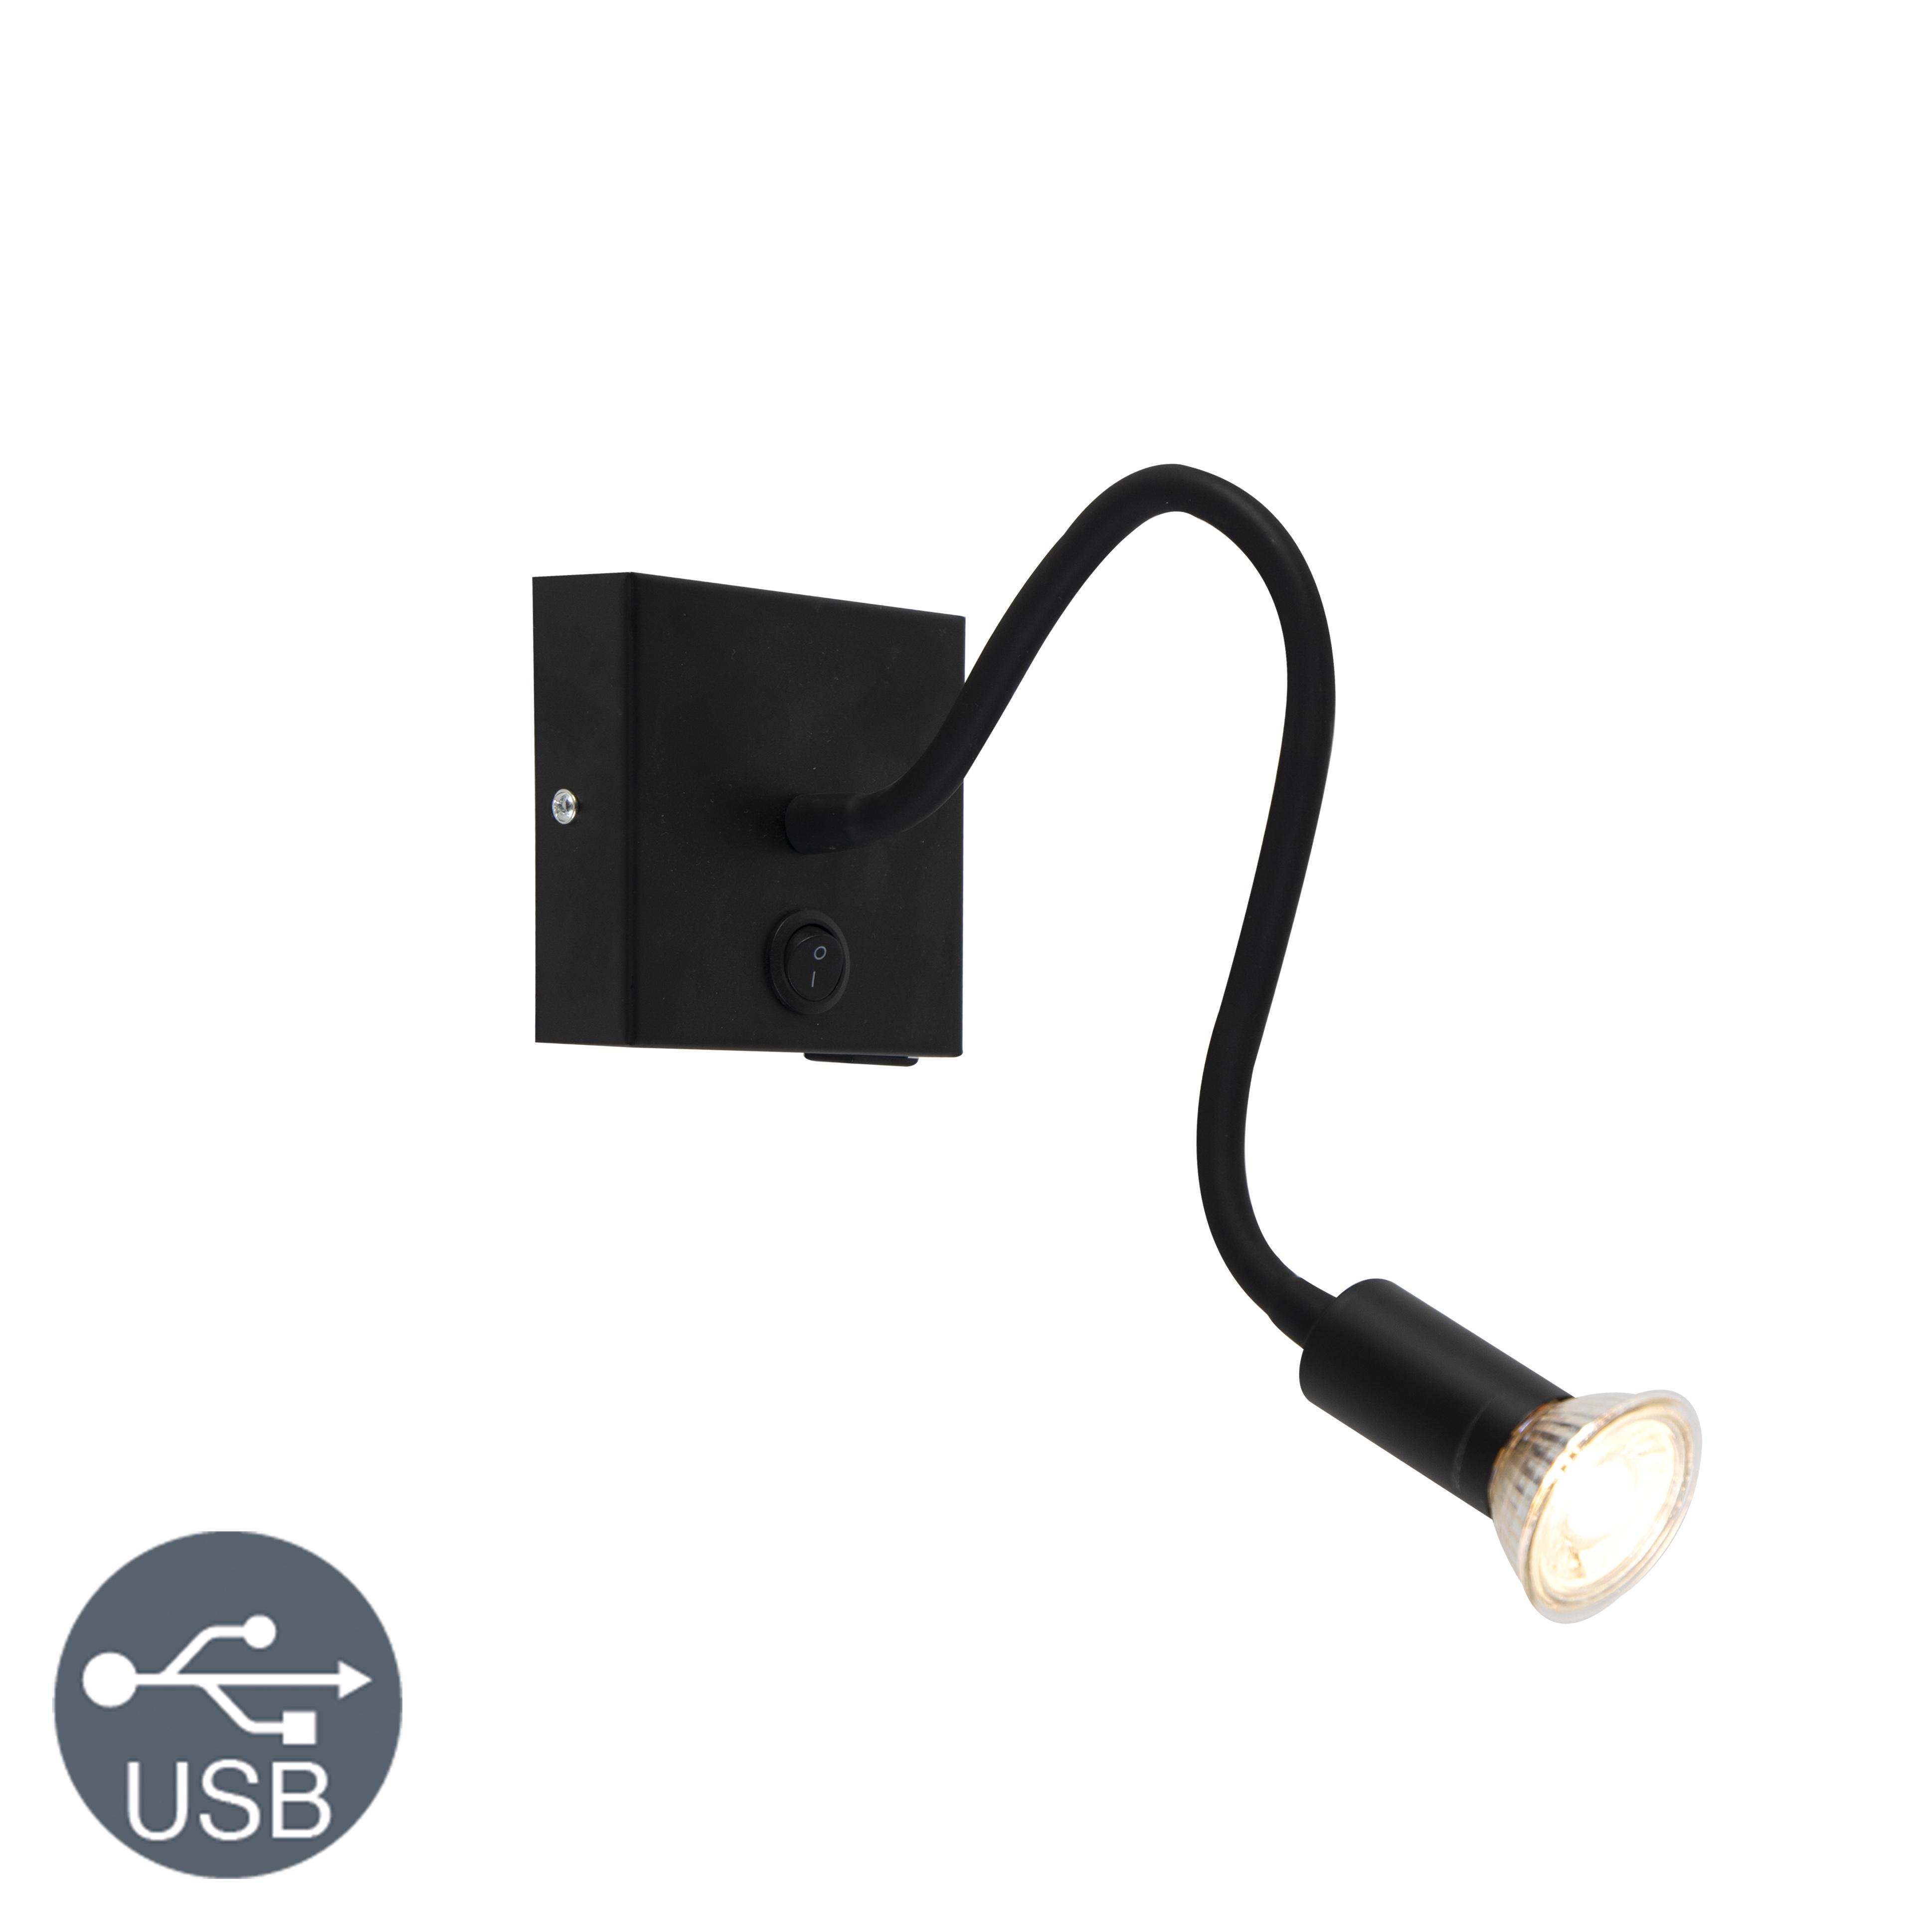 Nowoczesny elastyczny kinkiet USB czarny - Zeno